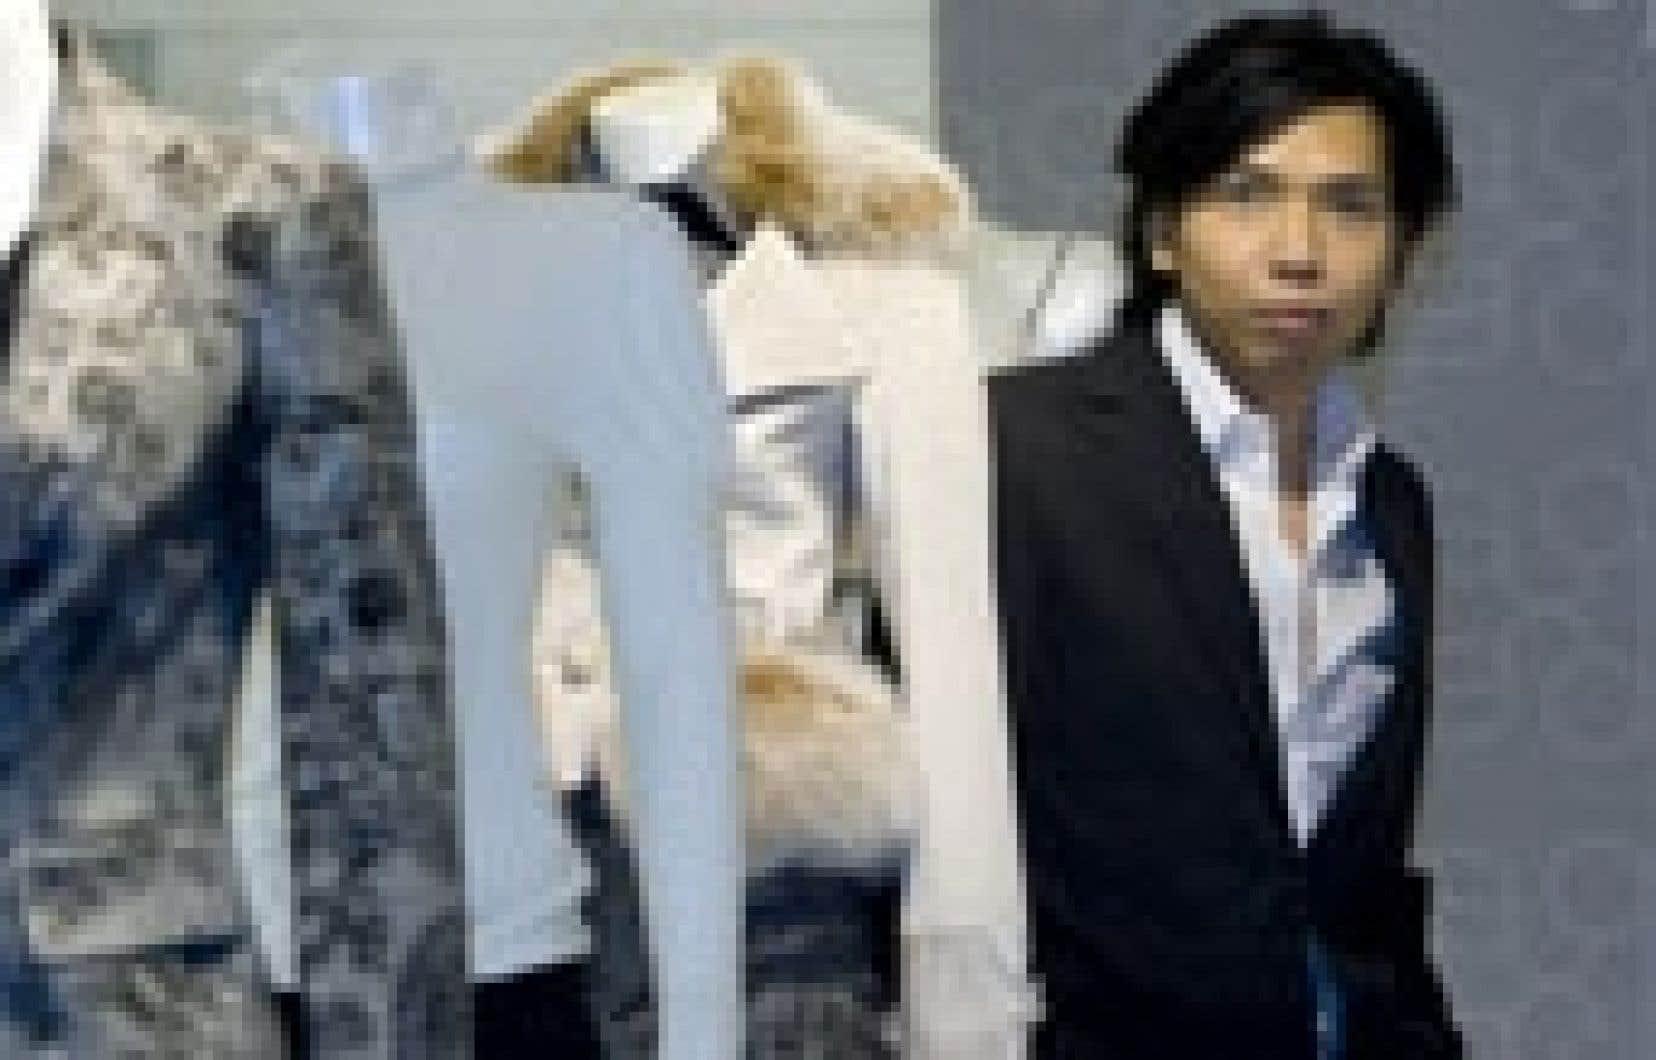 Le designer Andy The Anh: «La mode est un domaine que les politiciens considèrent artificiel. Ils ne connaissent pas l'industrie et on n'a pas ici la culture de la mode comme les Français ou les Américains.»